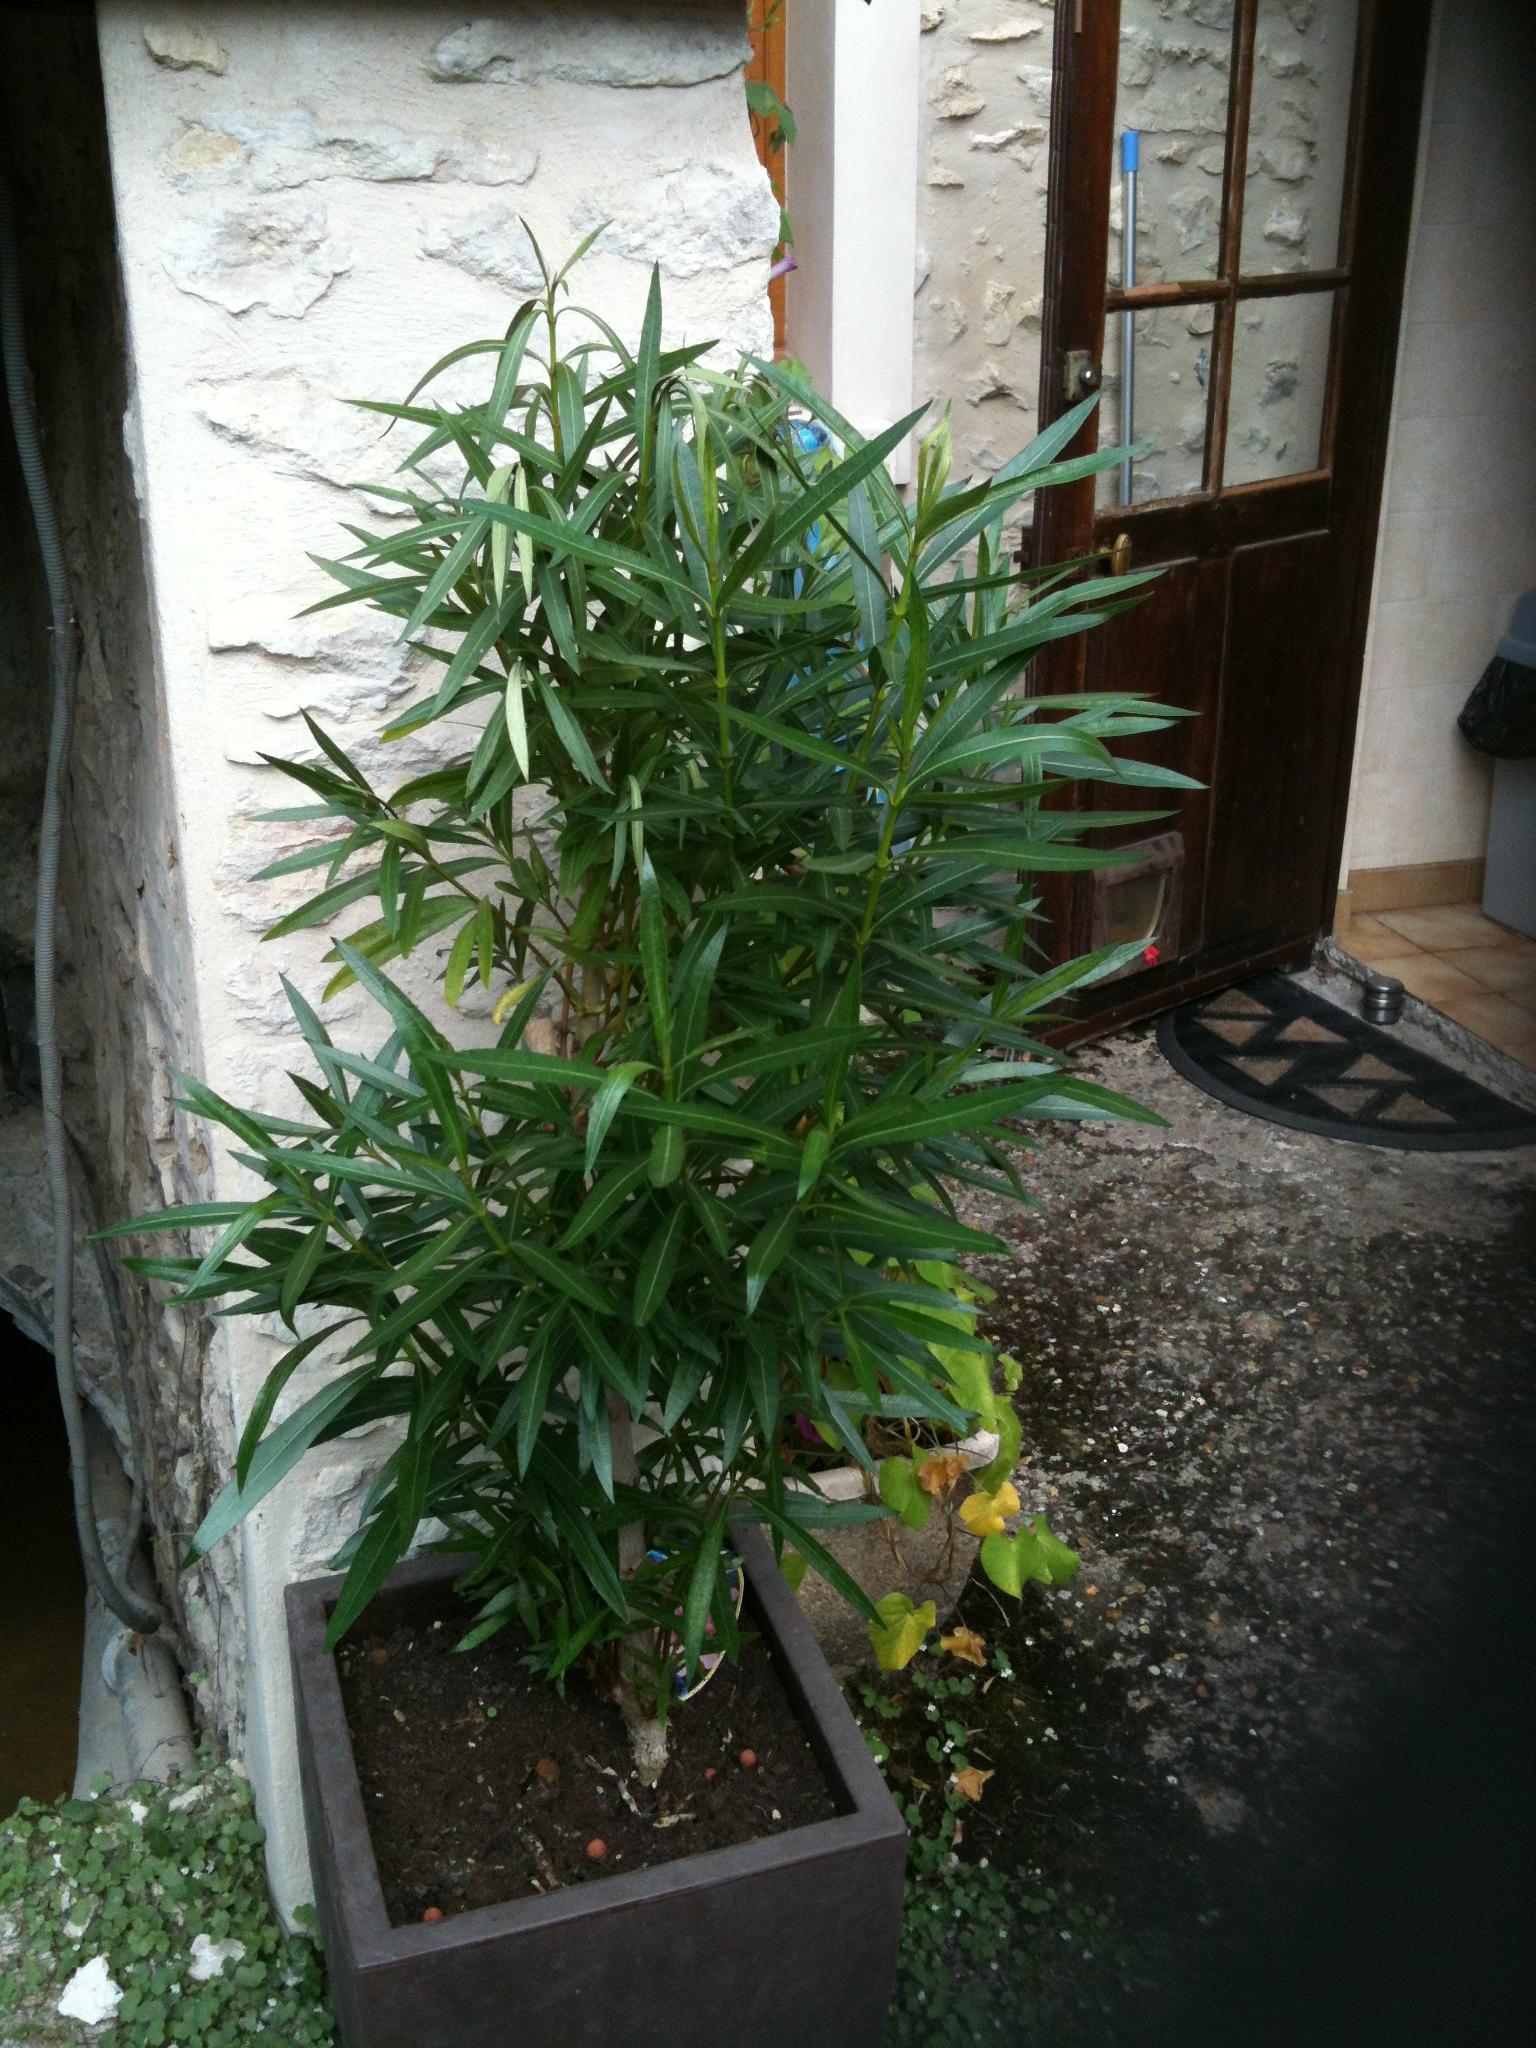 Mon laurier rose baisse du nez au jardin forum de jardinage - Laurier tige en pot ...